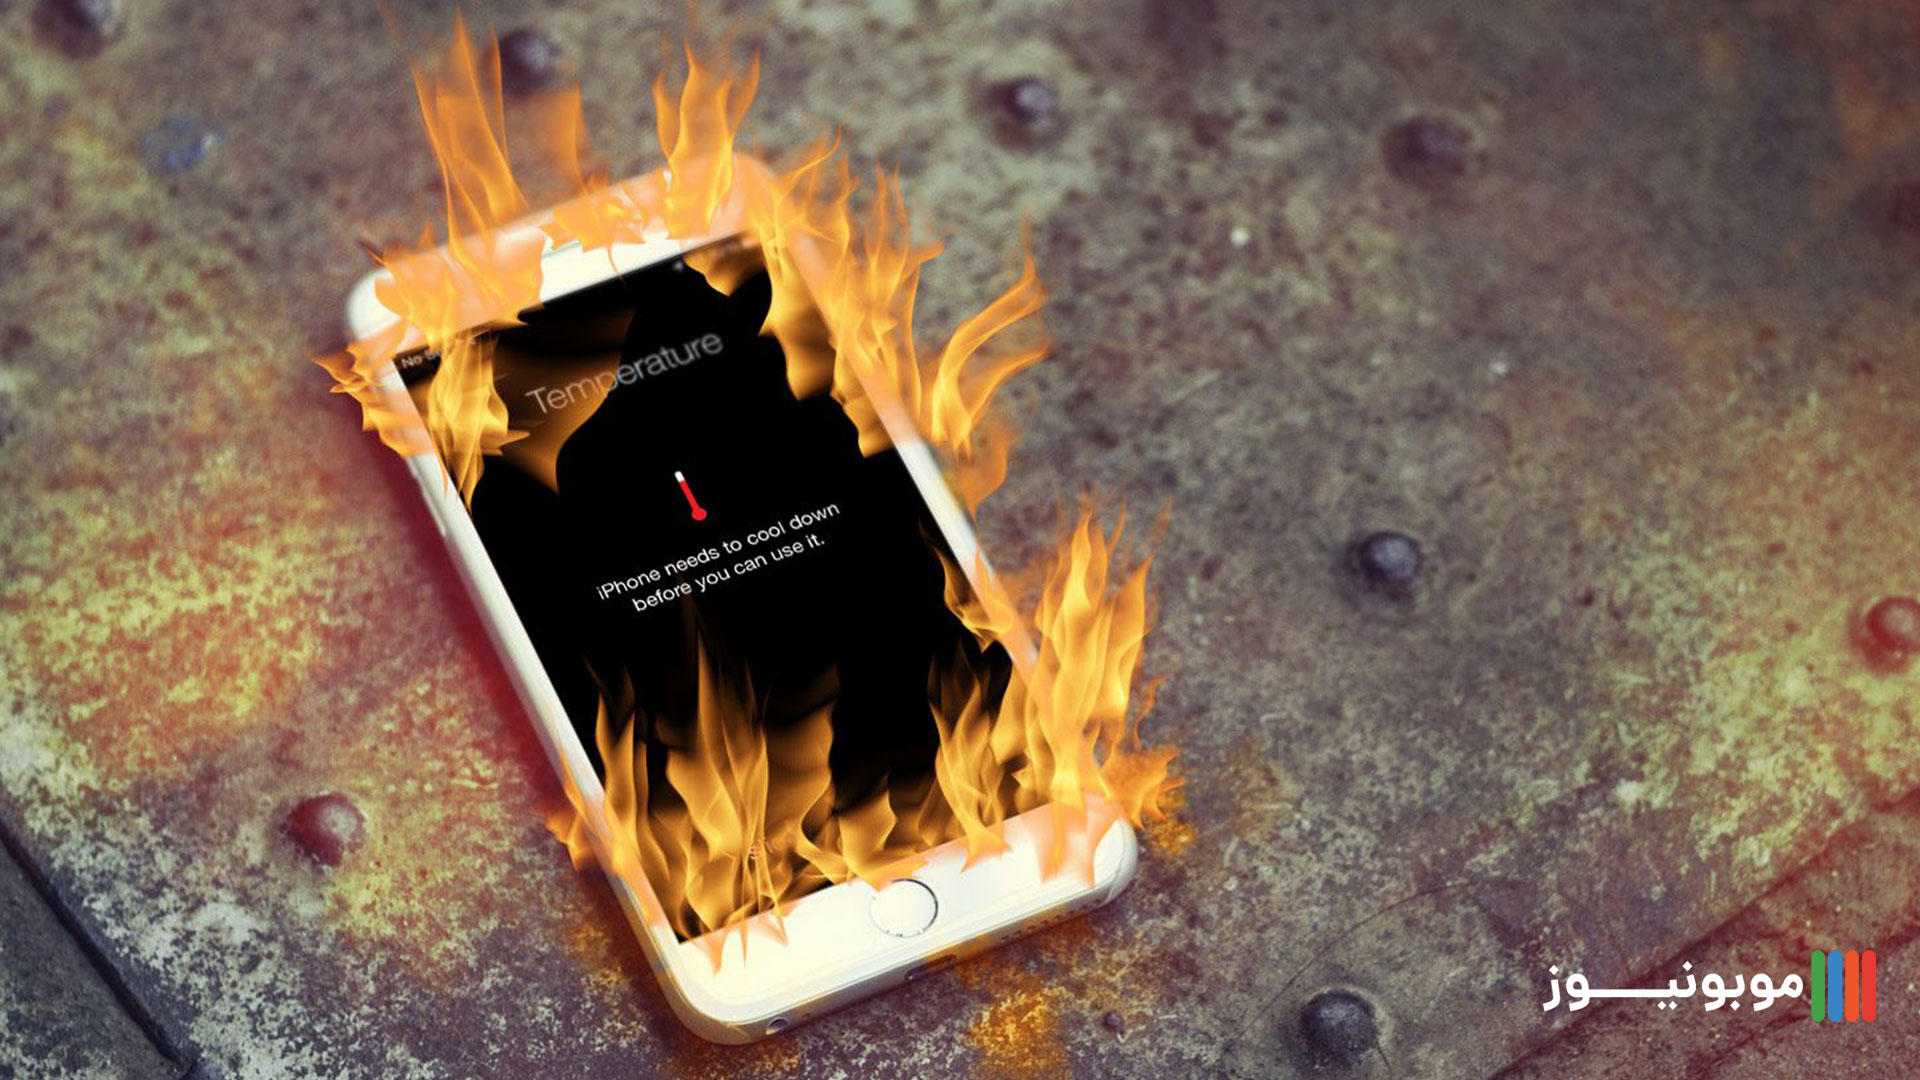 داغ شدن بیش از حد گوشی موبایل